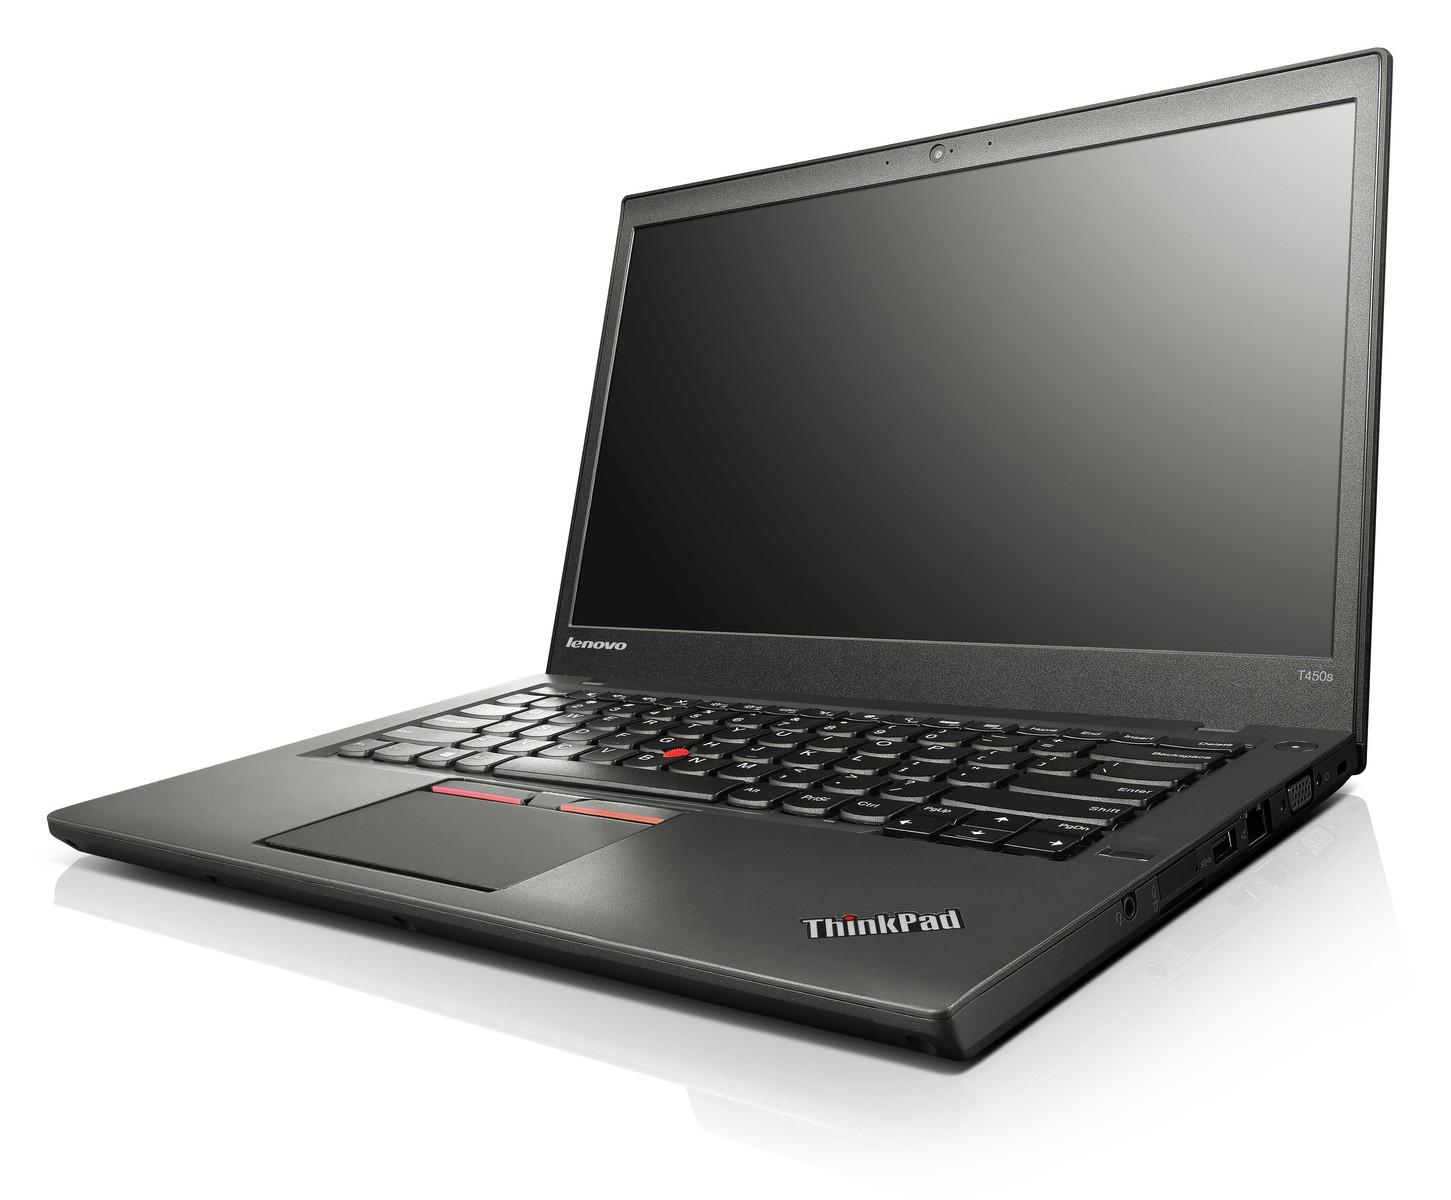 Lenovo Thinkpad T450-0